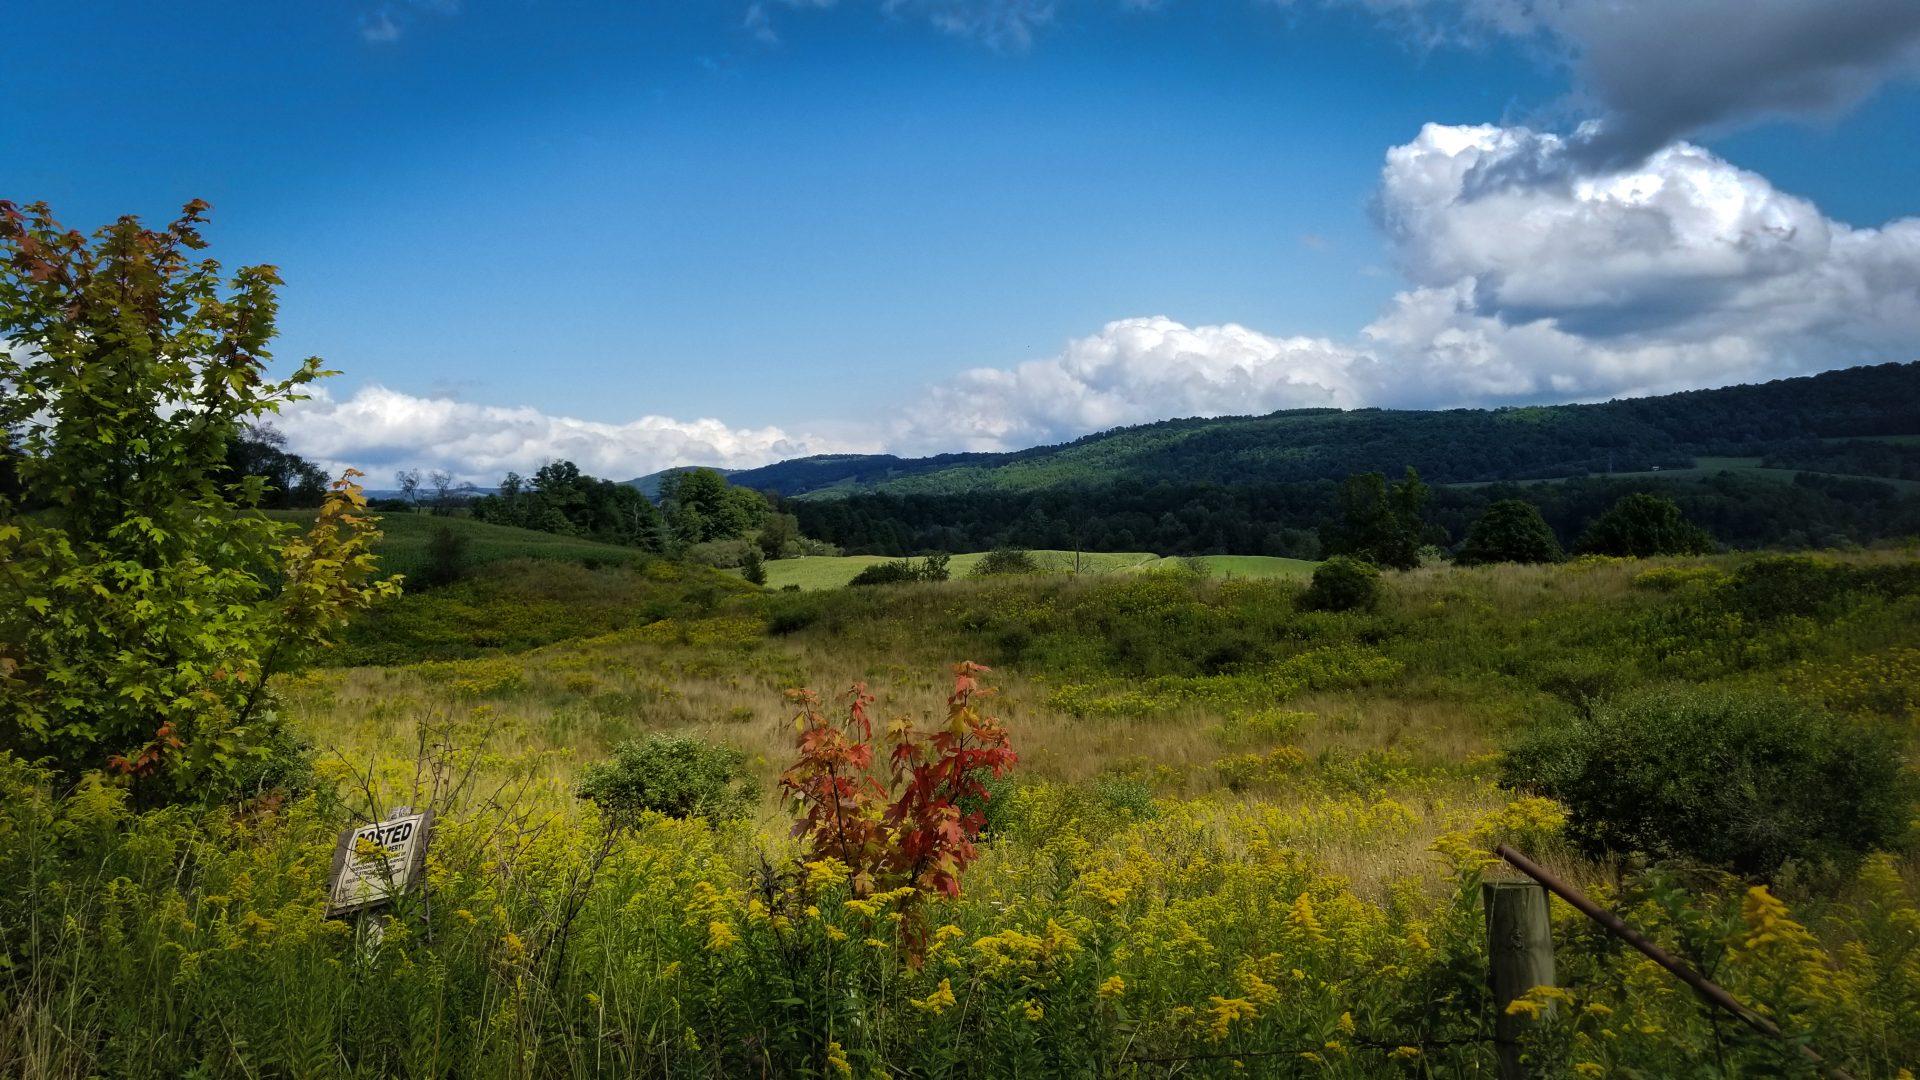 Farm Field Backdrop